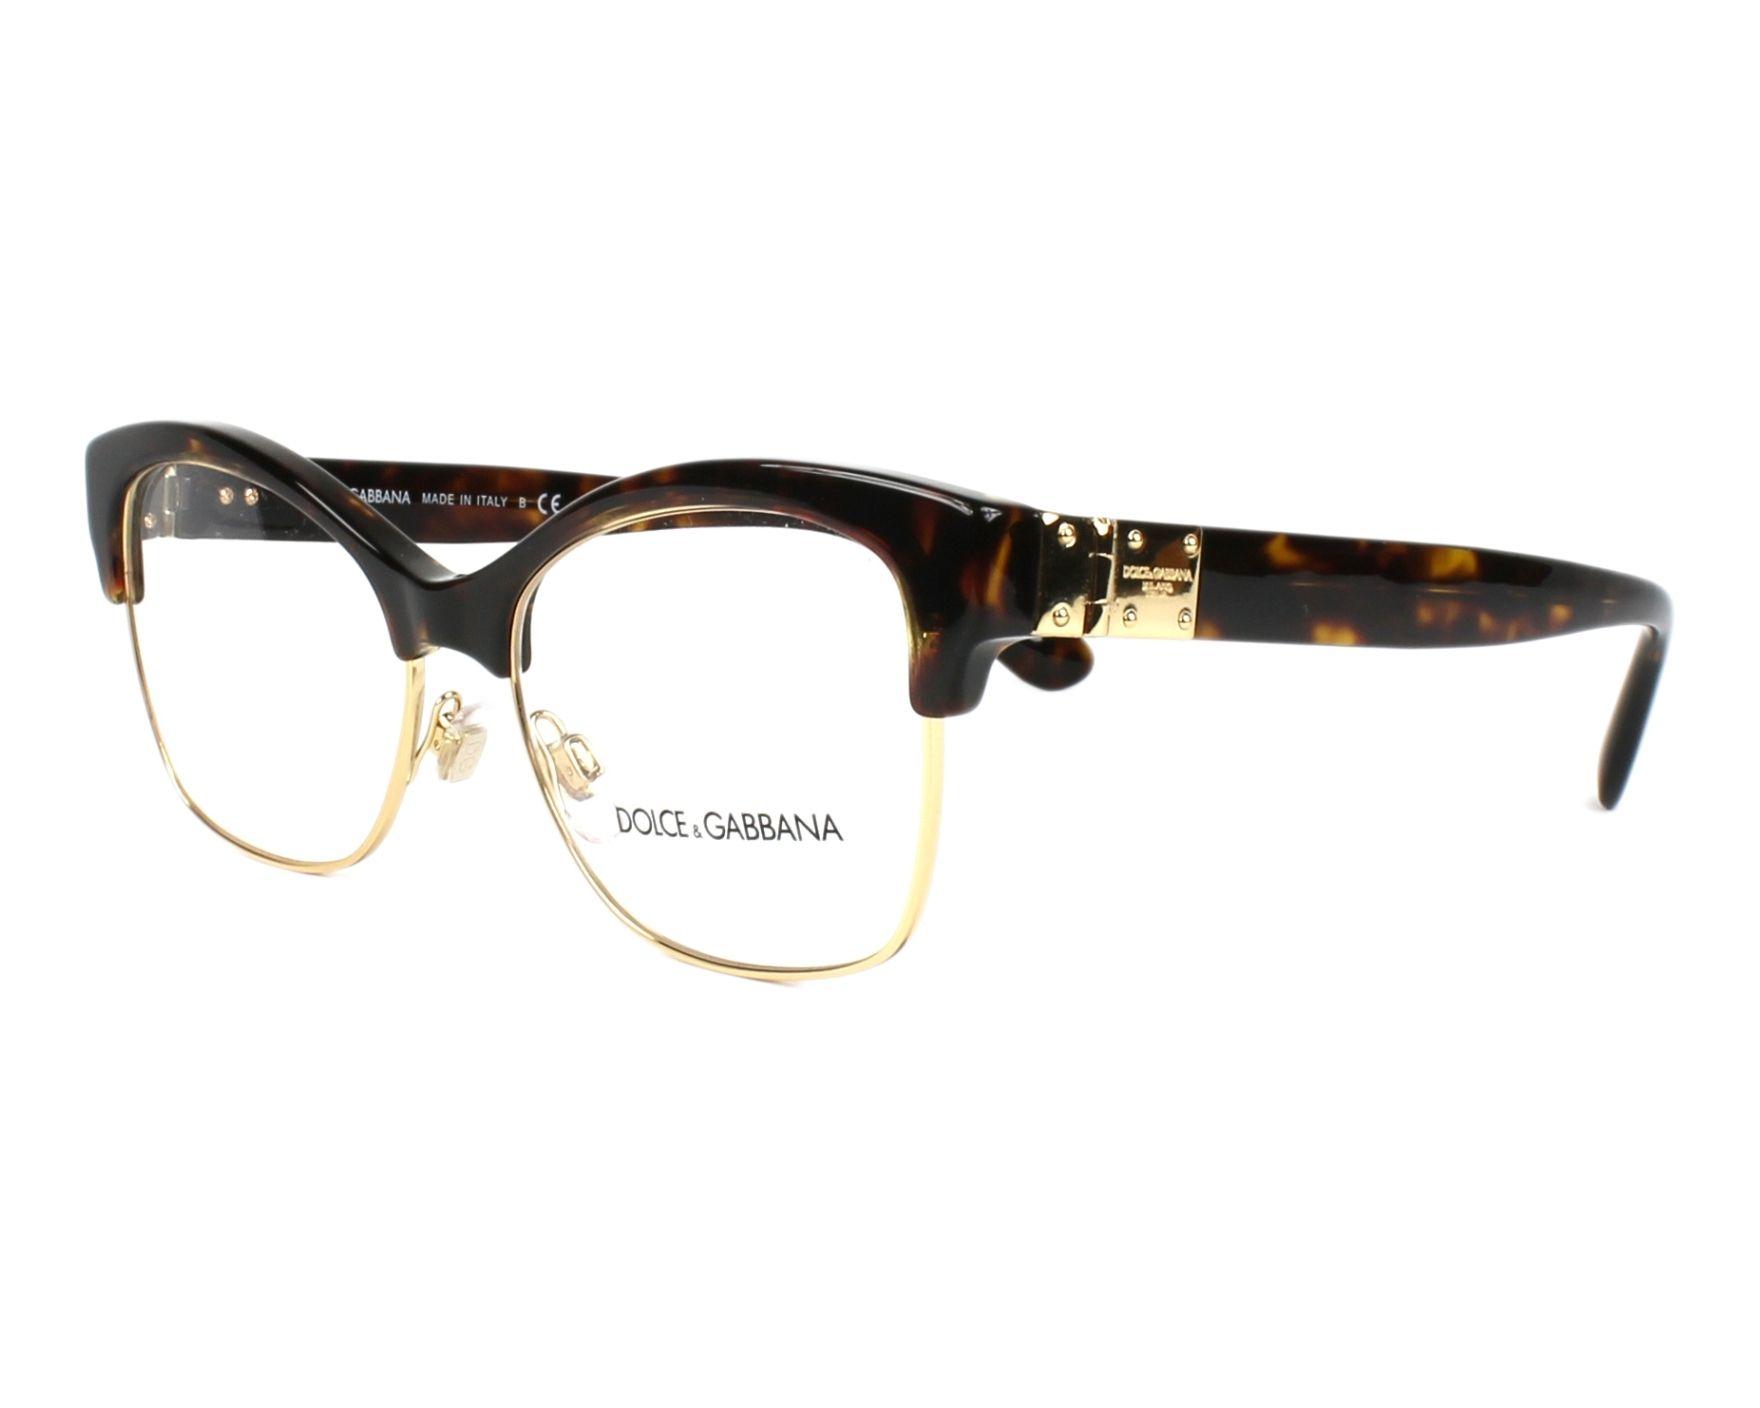 78868e8a443 Lunettes de vue Dolce   Gabbana DG-3272 502 52-17 Marron Or vue